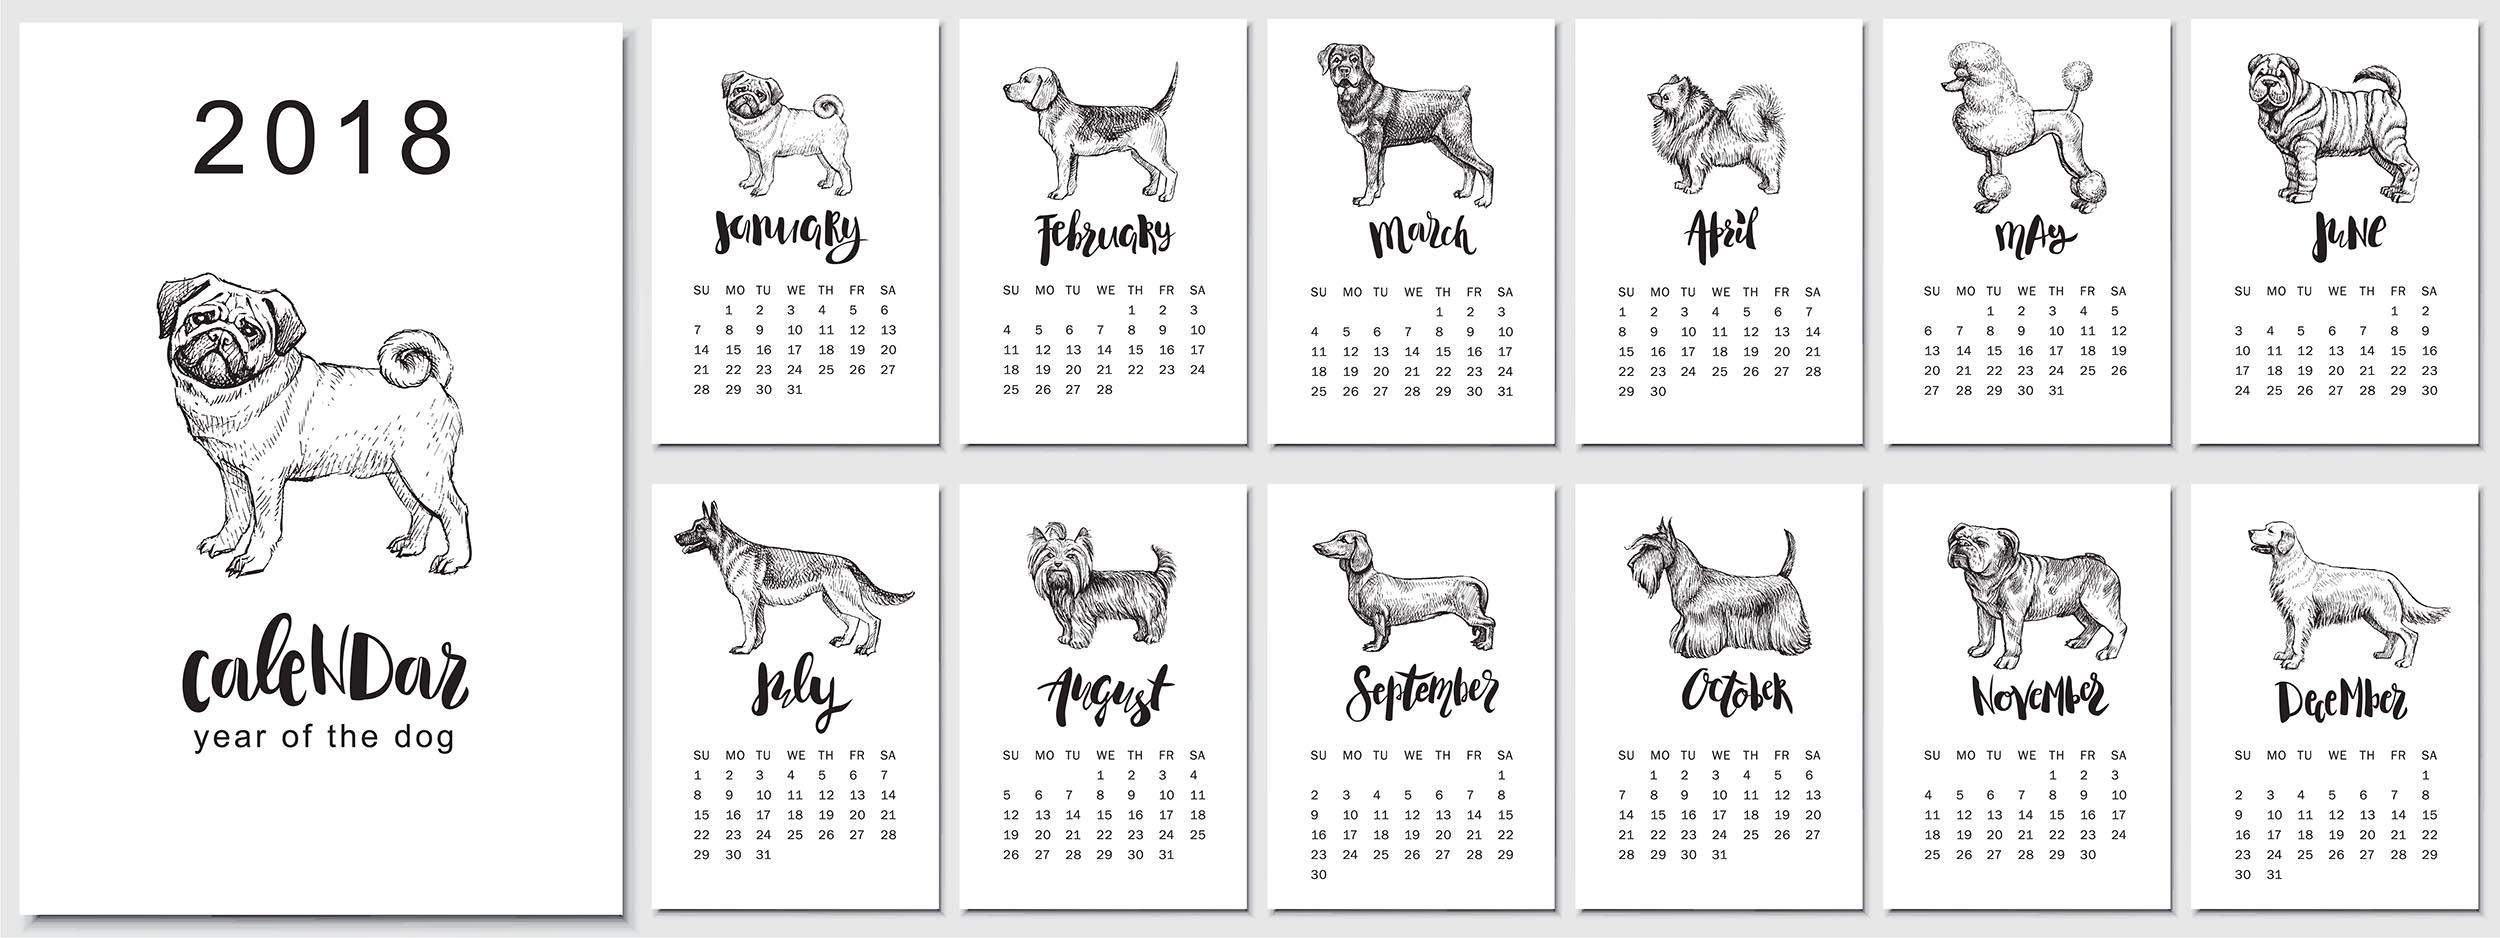 2018 Dog Year Calendar